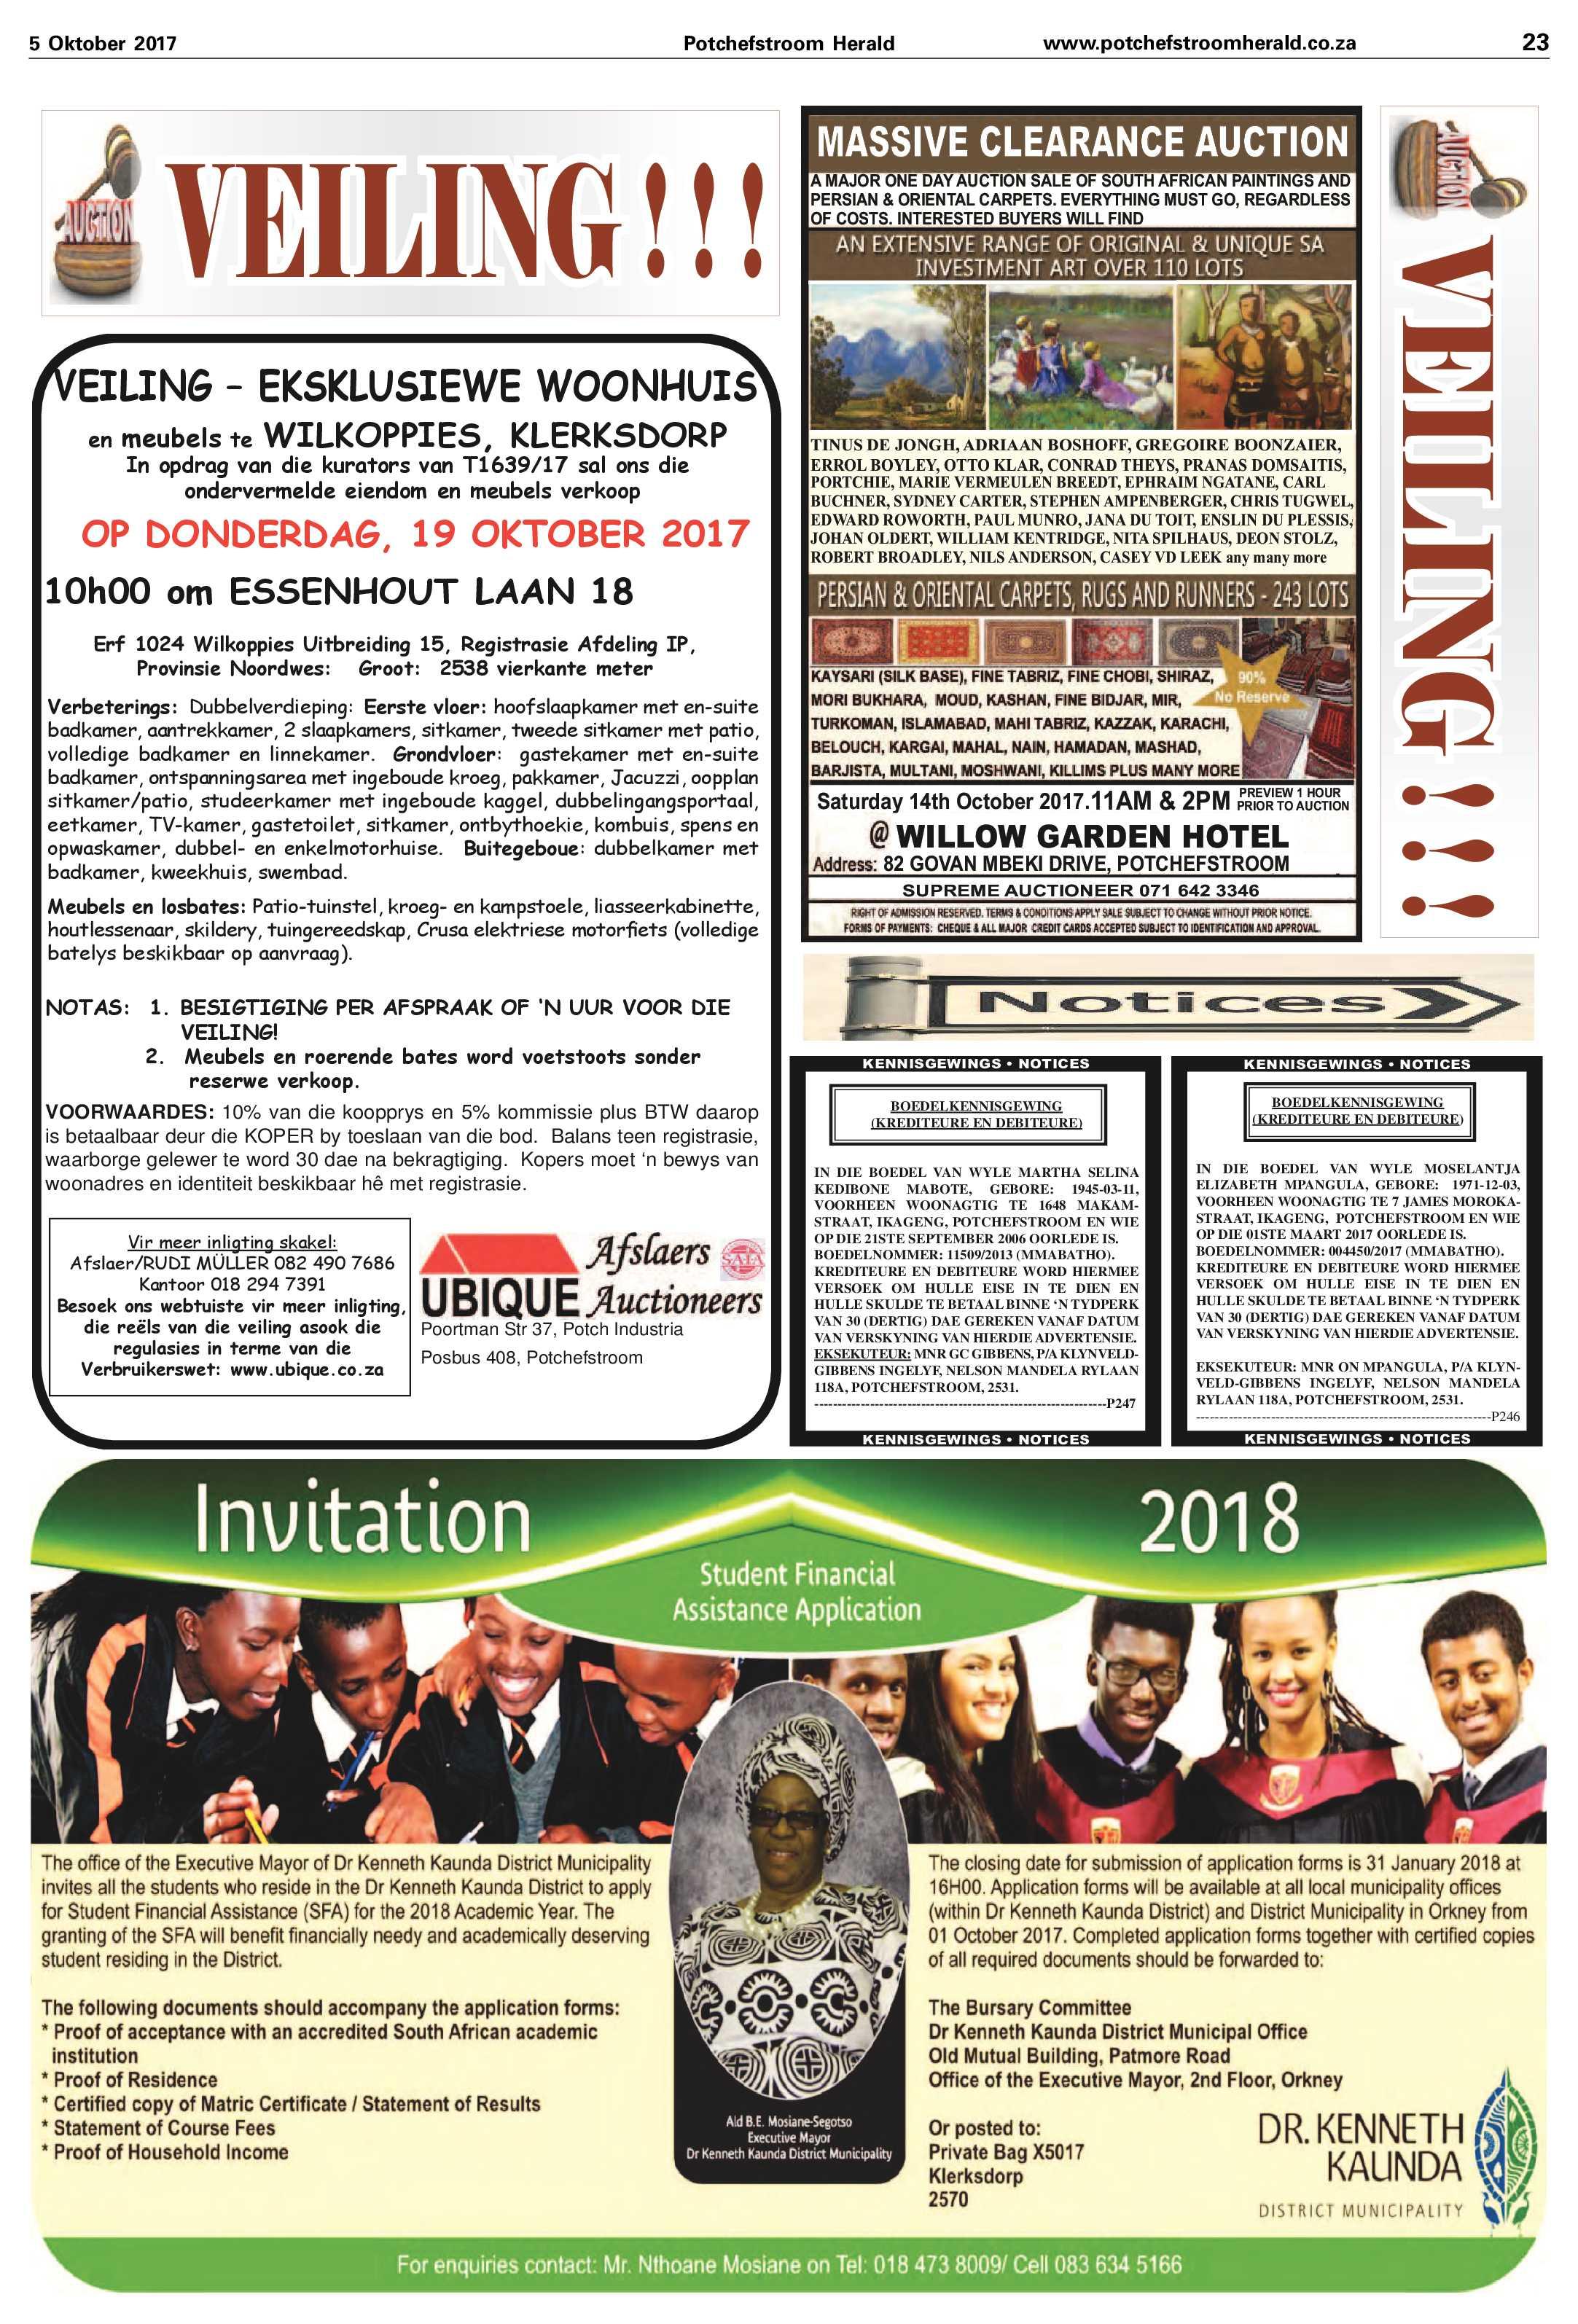 5-oktober-2017-epapers-page-23